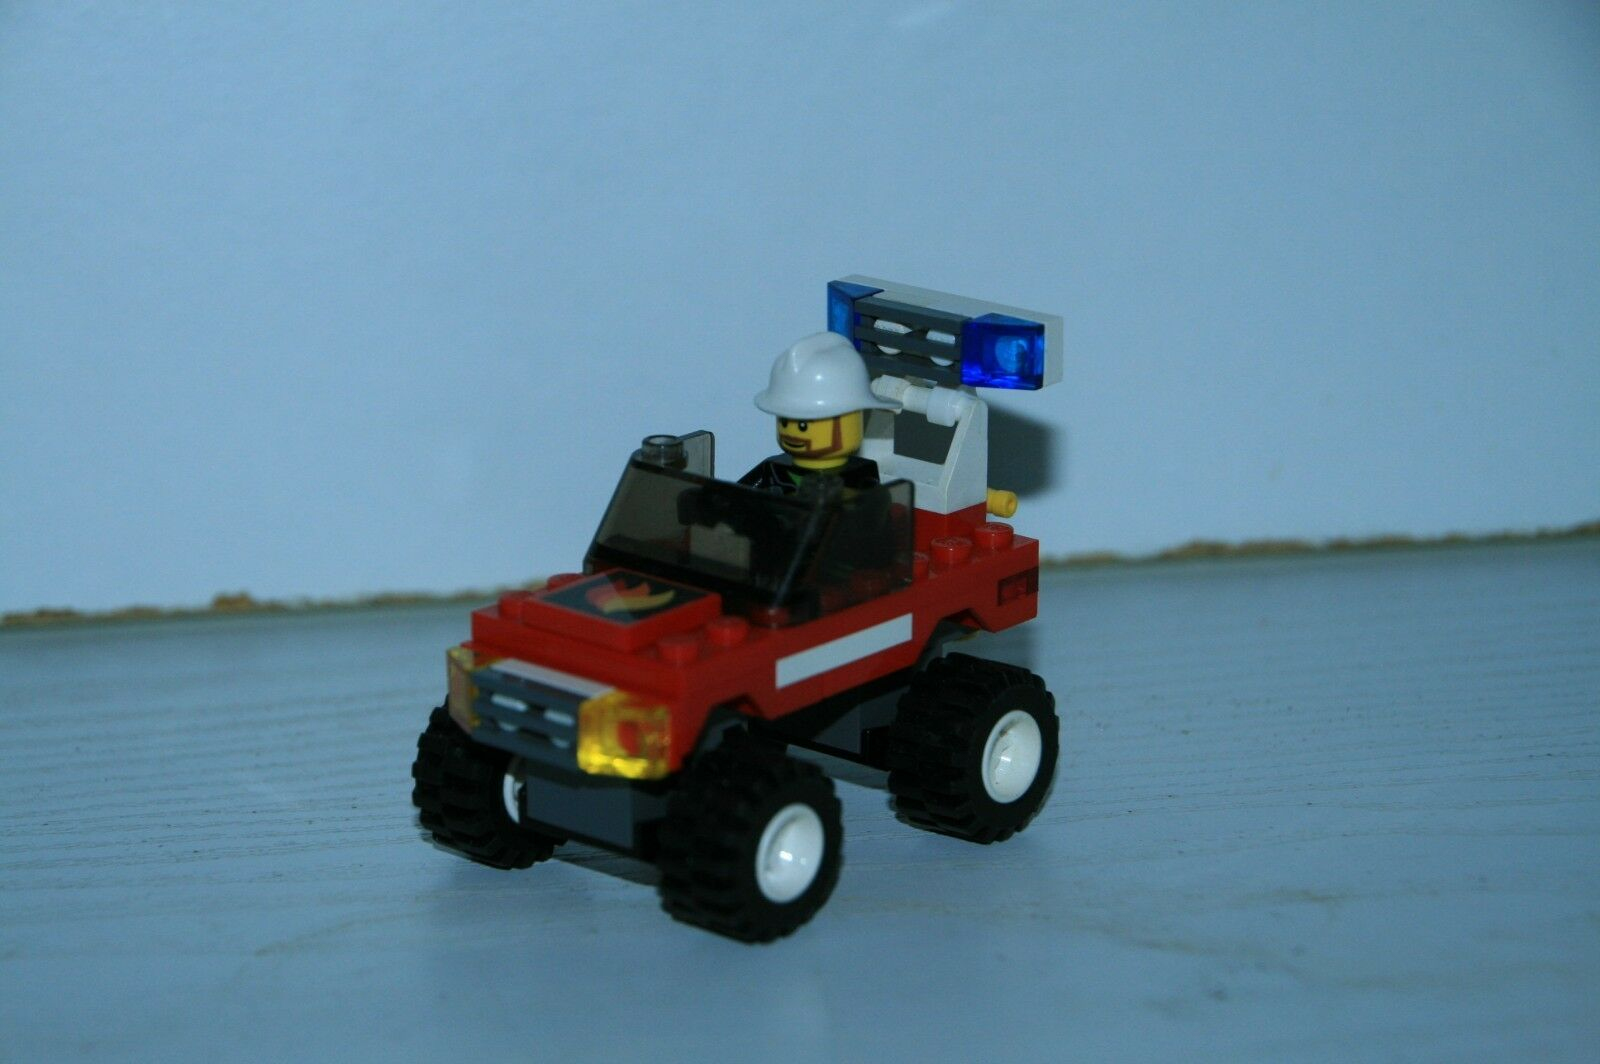 Lego  7241 feuerwehn (City) V. 2005 avec ba to  en solde 70% de réduction